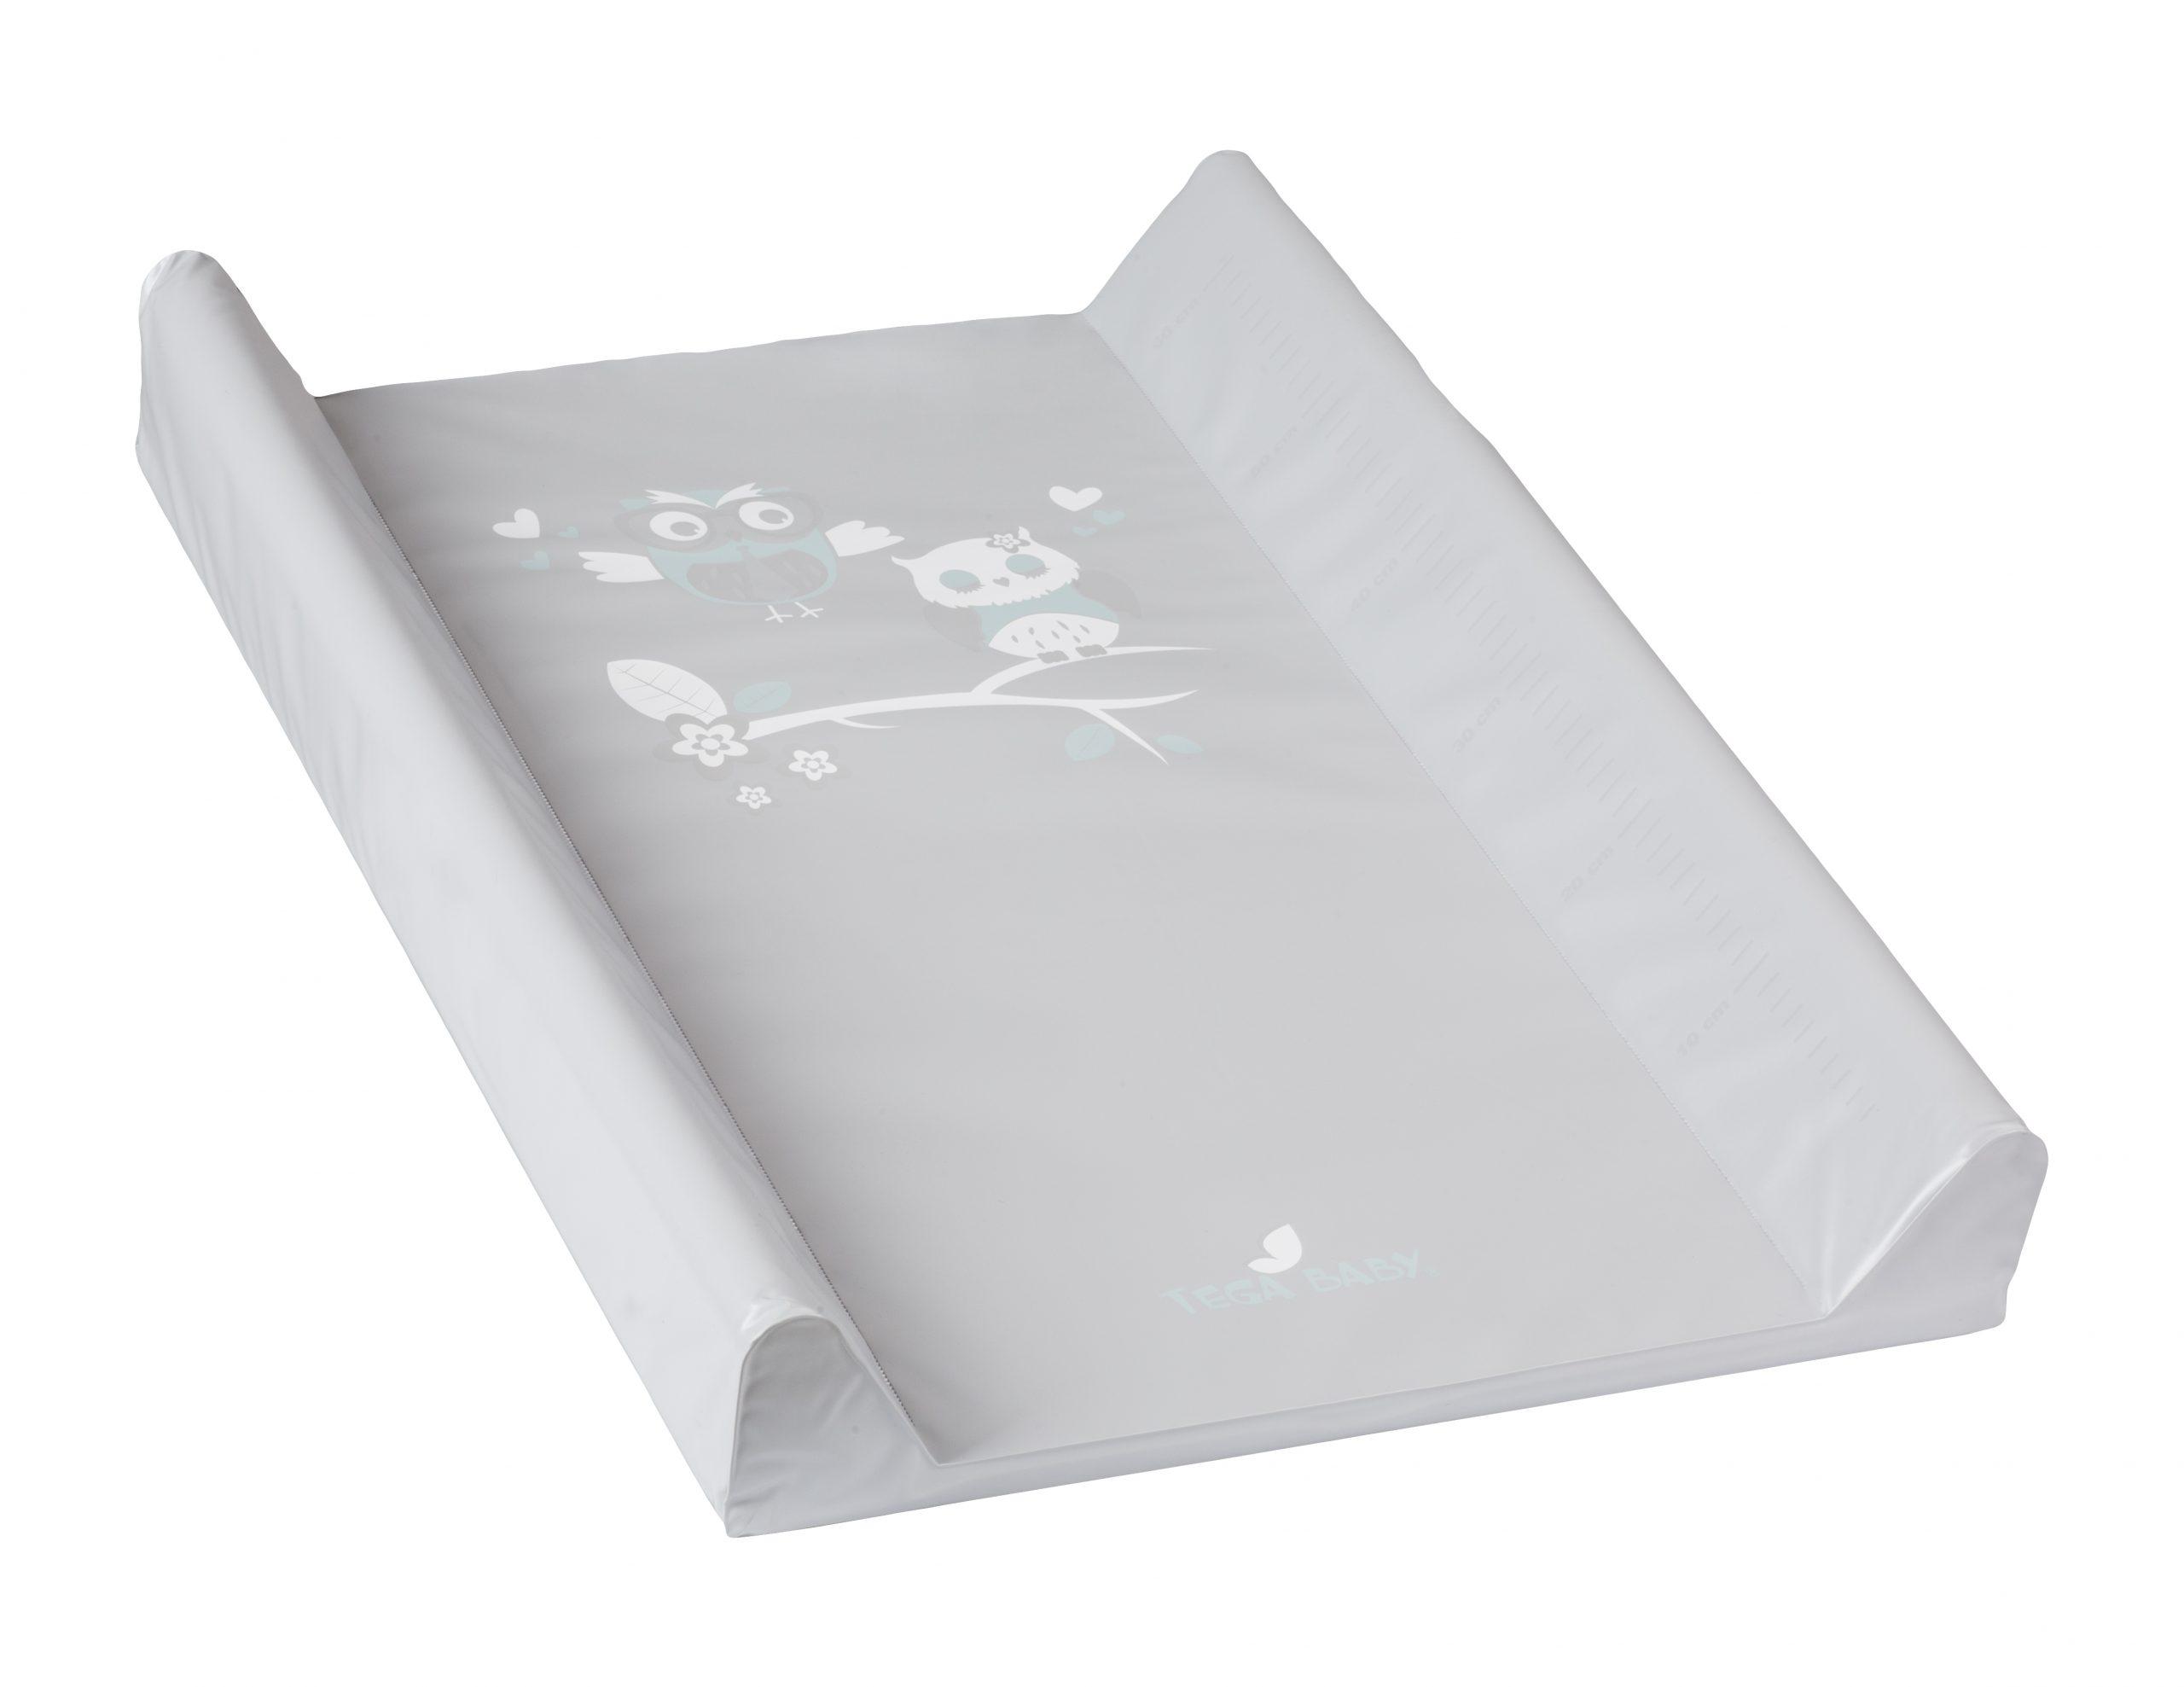 Pārtinamais matracis ar stingro pamatni + stiprinājumi gultiņai (70x50cm) bez.